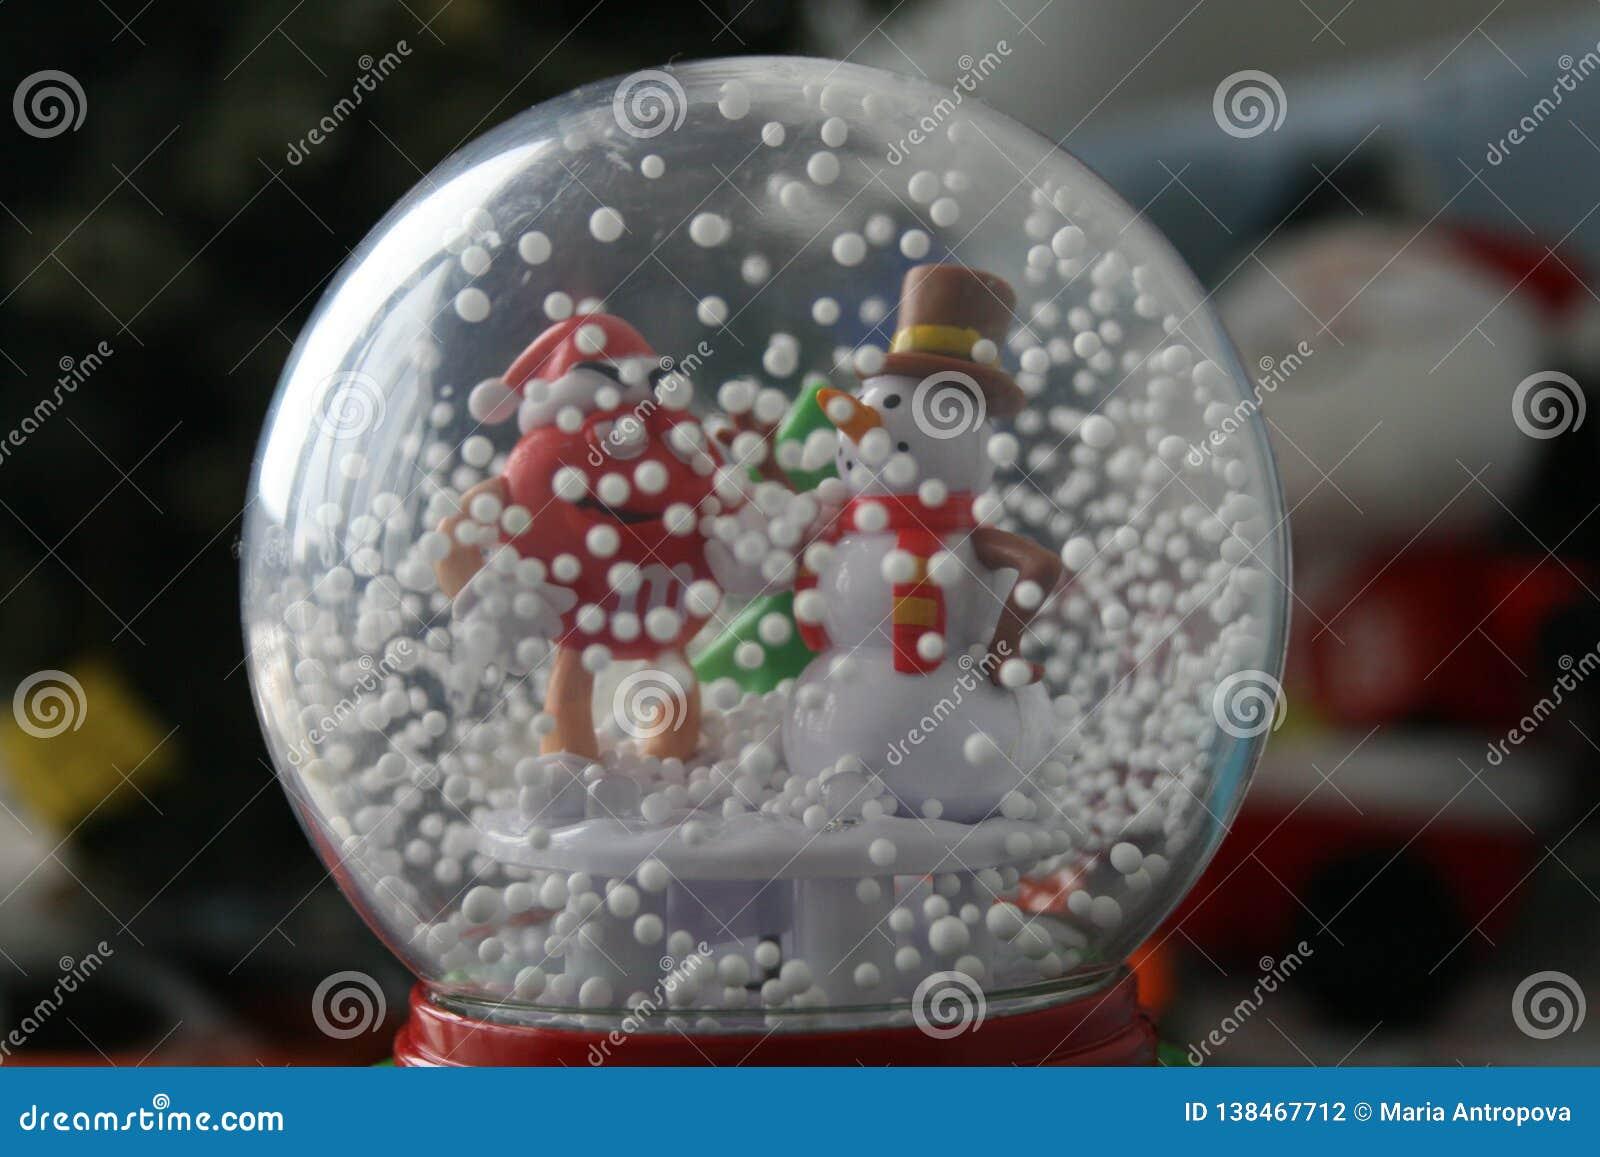 Bałwan w szklanej piłce - dekoracja